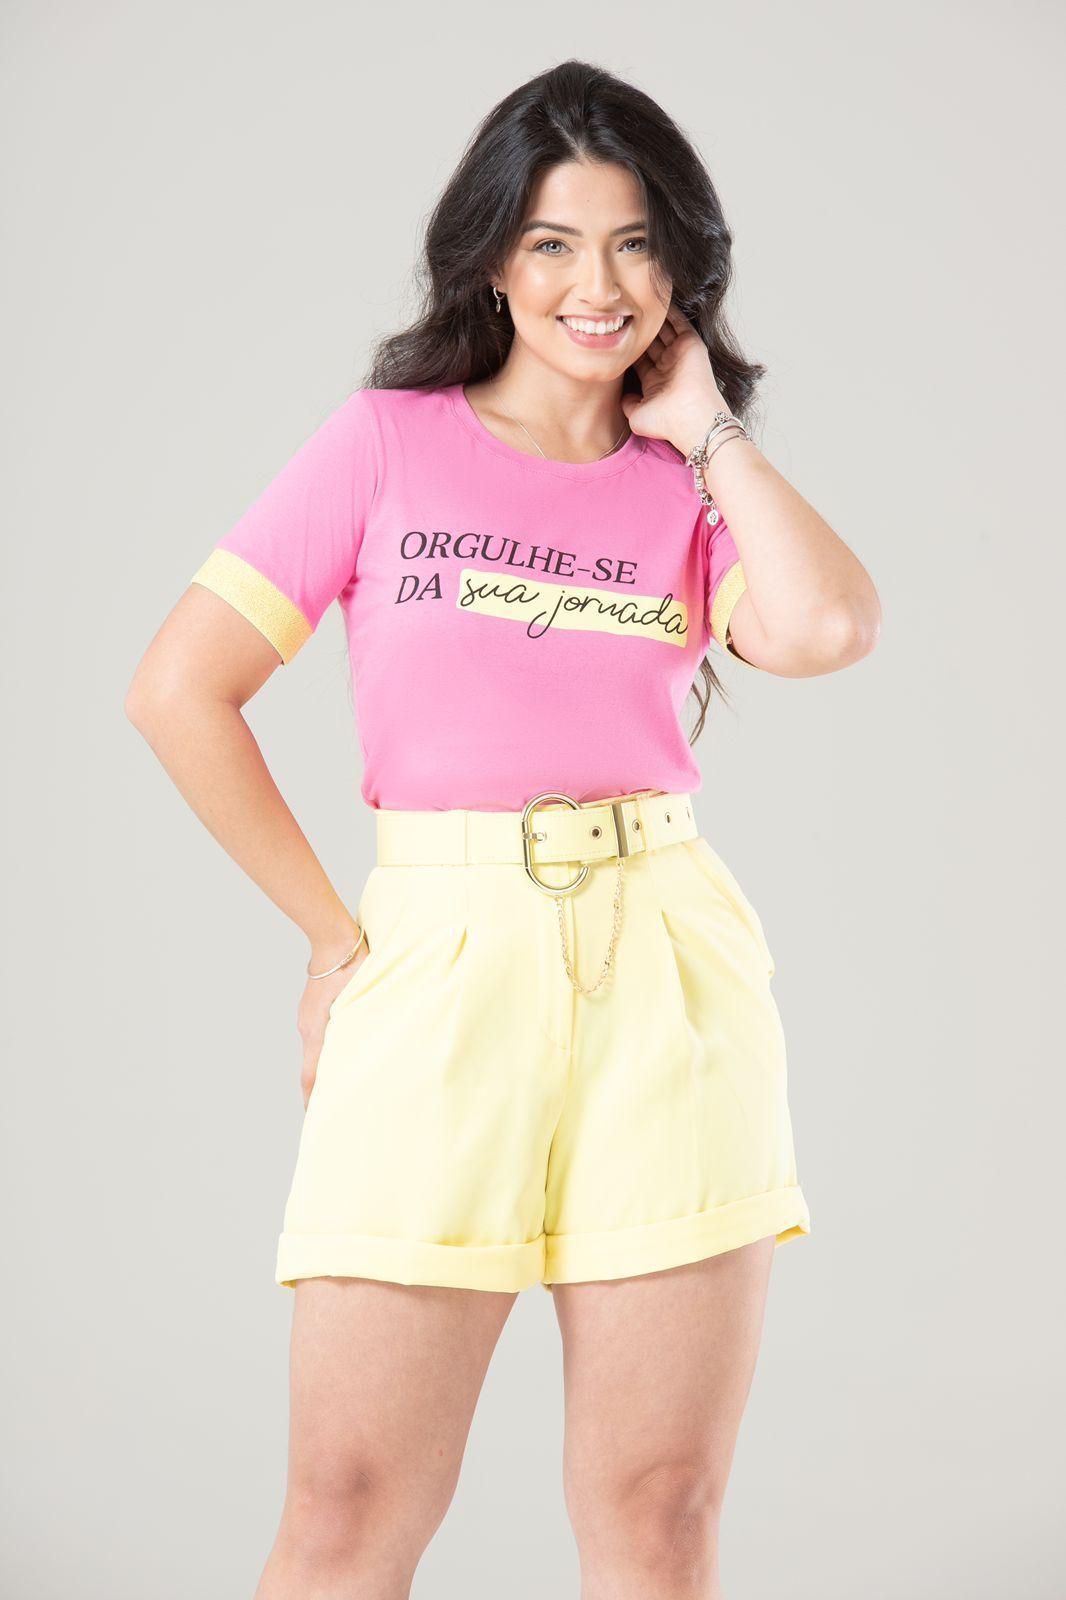 Diniz T-shirts feminina - Orgulhe-se da sua jornada